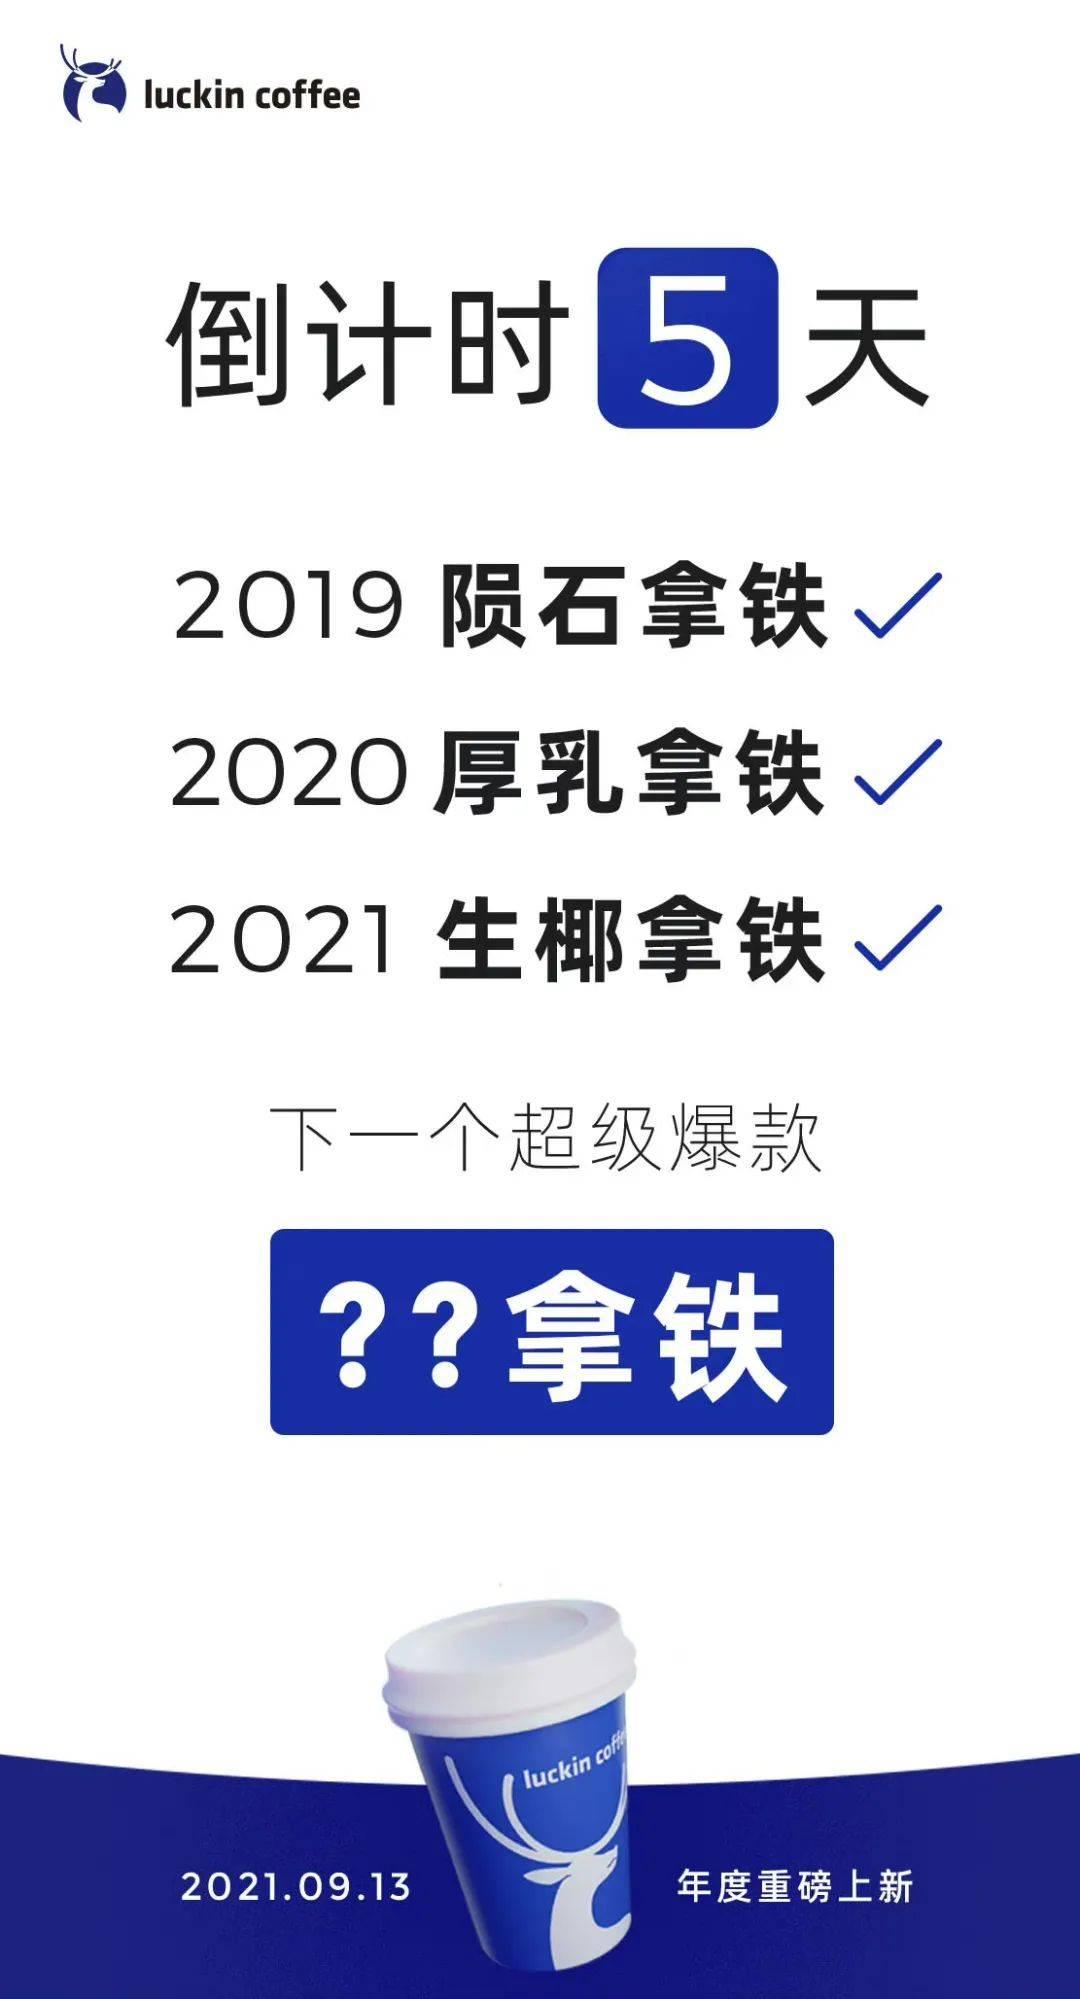 2021最新菠菜论坛,广告创意,烧脑广告,消费者洞察,广告策划,美食,瑞幸,美食